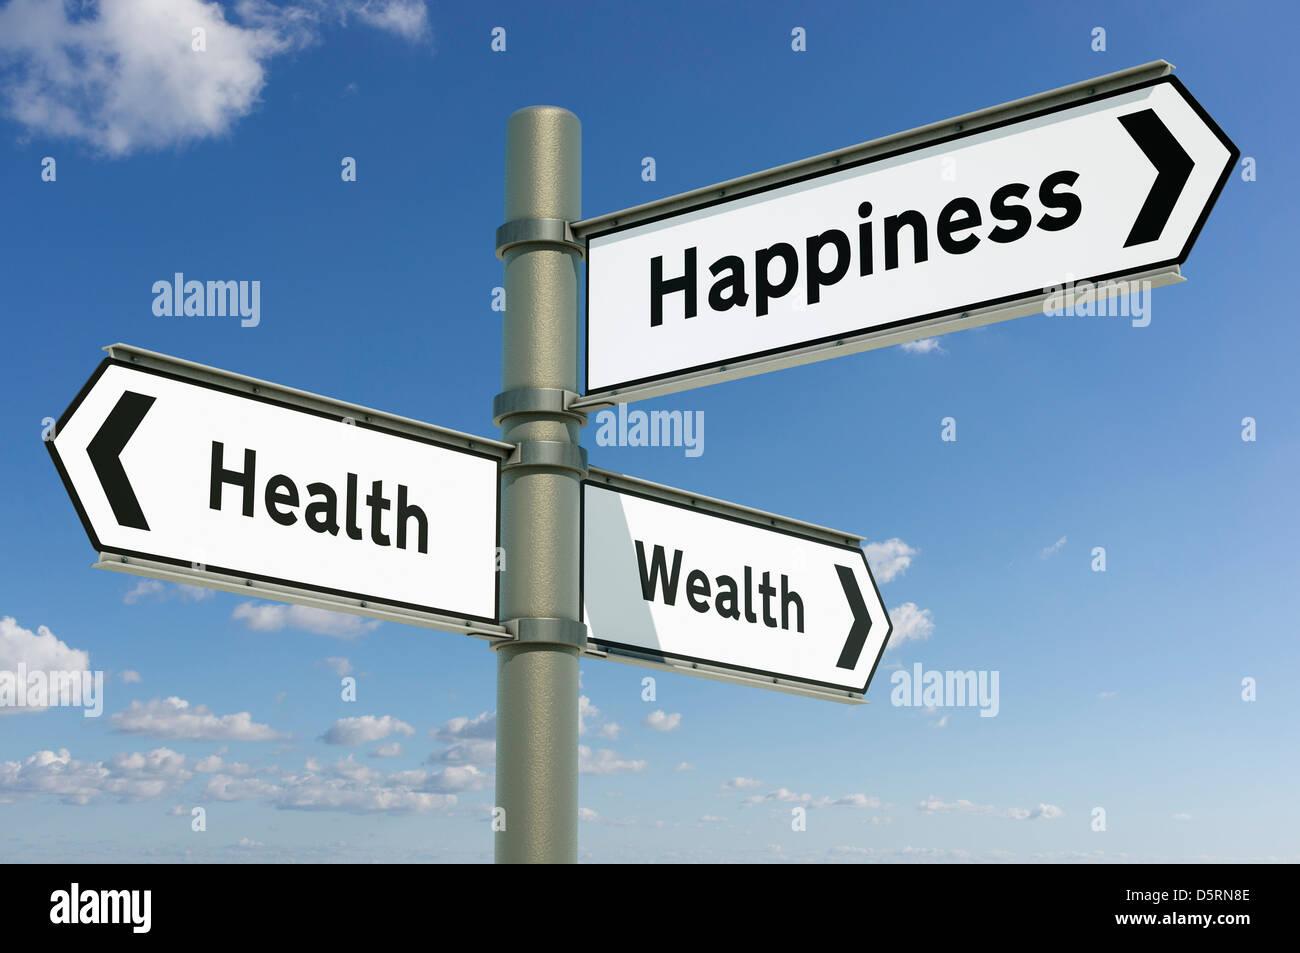 La salud, la riqueza, la felicidad - decisiones dirección futura elección concepto Imagen De Stock